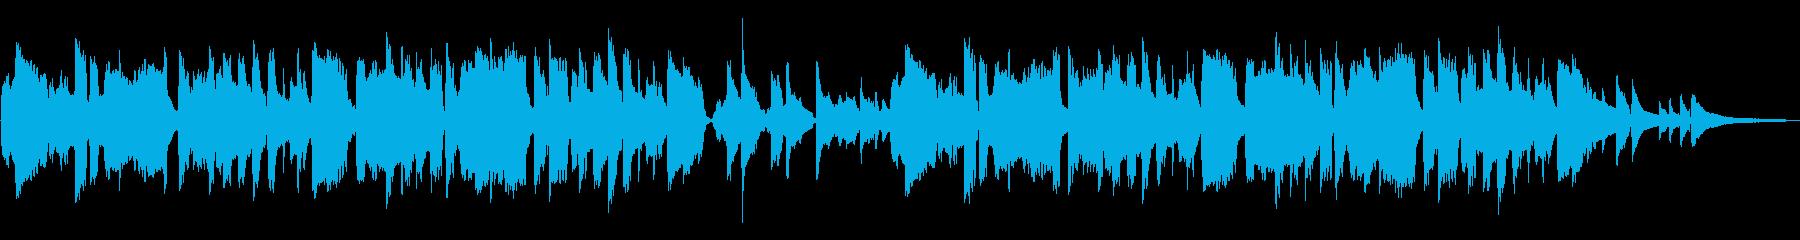 日本の童謡「赤とんぼ」感動と哀愁フルートの再生済みの波形